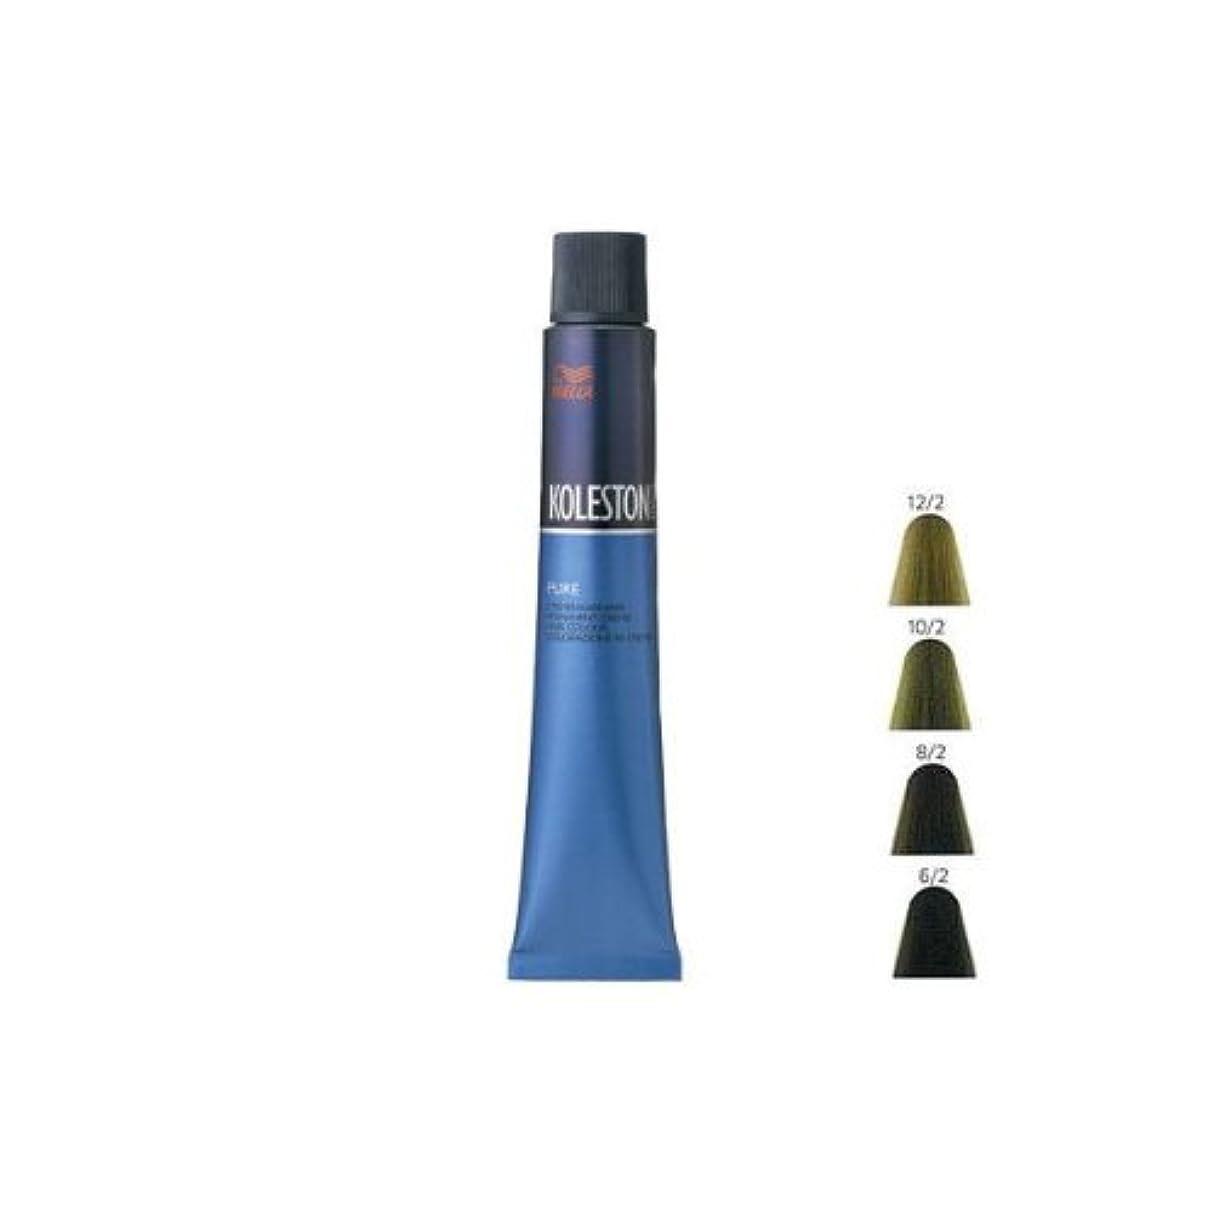 ハックキャンディー充電ウエラ コレストン パーフェクト J 1剤 ピュア マット (J6/2) 80g